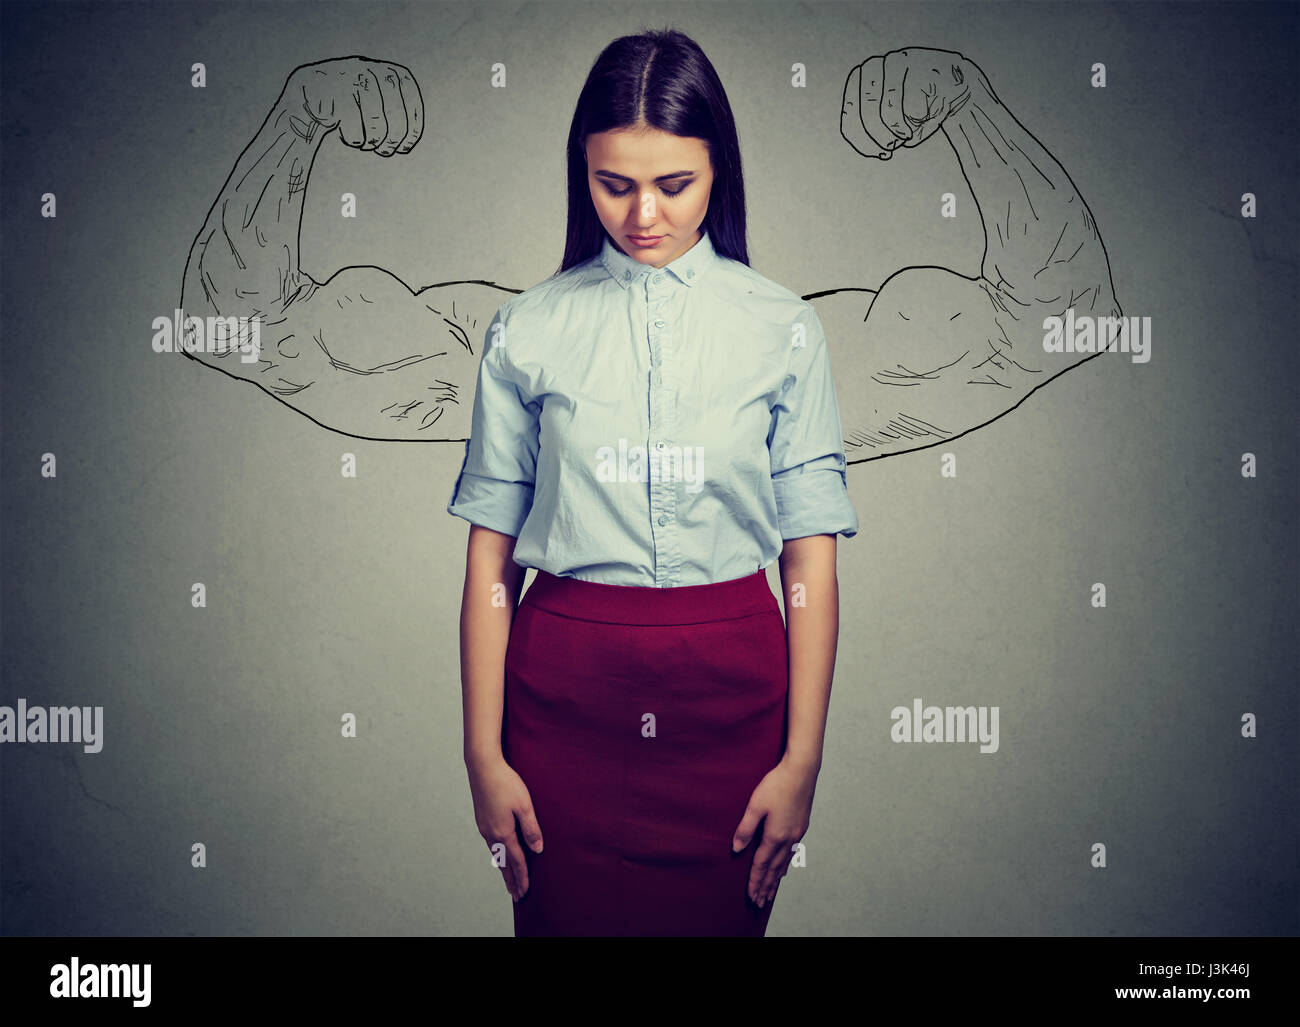 Fille puissante réalité vs ambition utopique concept. Visage humain expressions, émotions. Sad woman Photo Stock